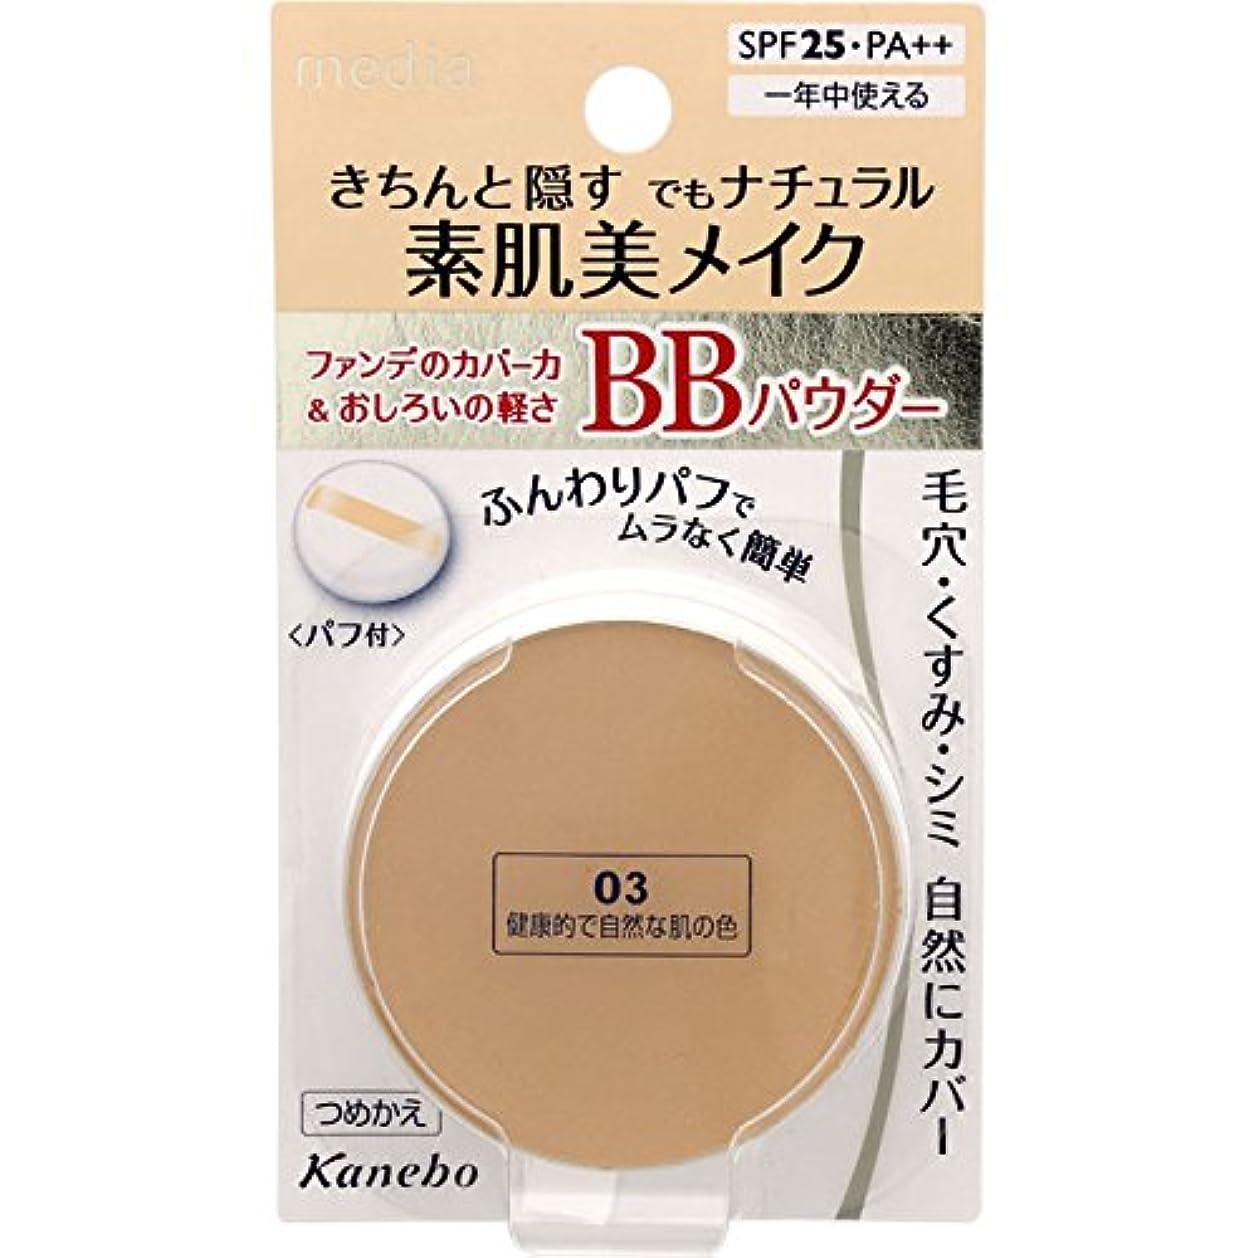 しばしば修正傾斜メディアBBパウダー03(健康的で自然な肌の色)×5